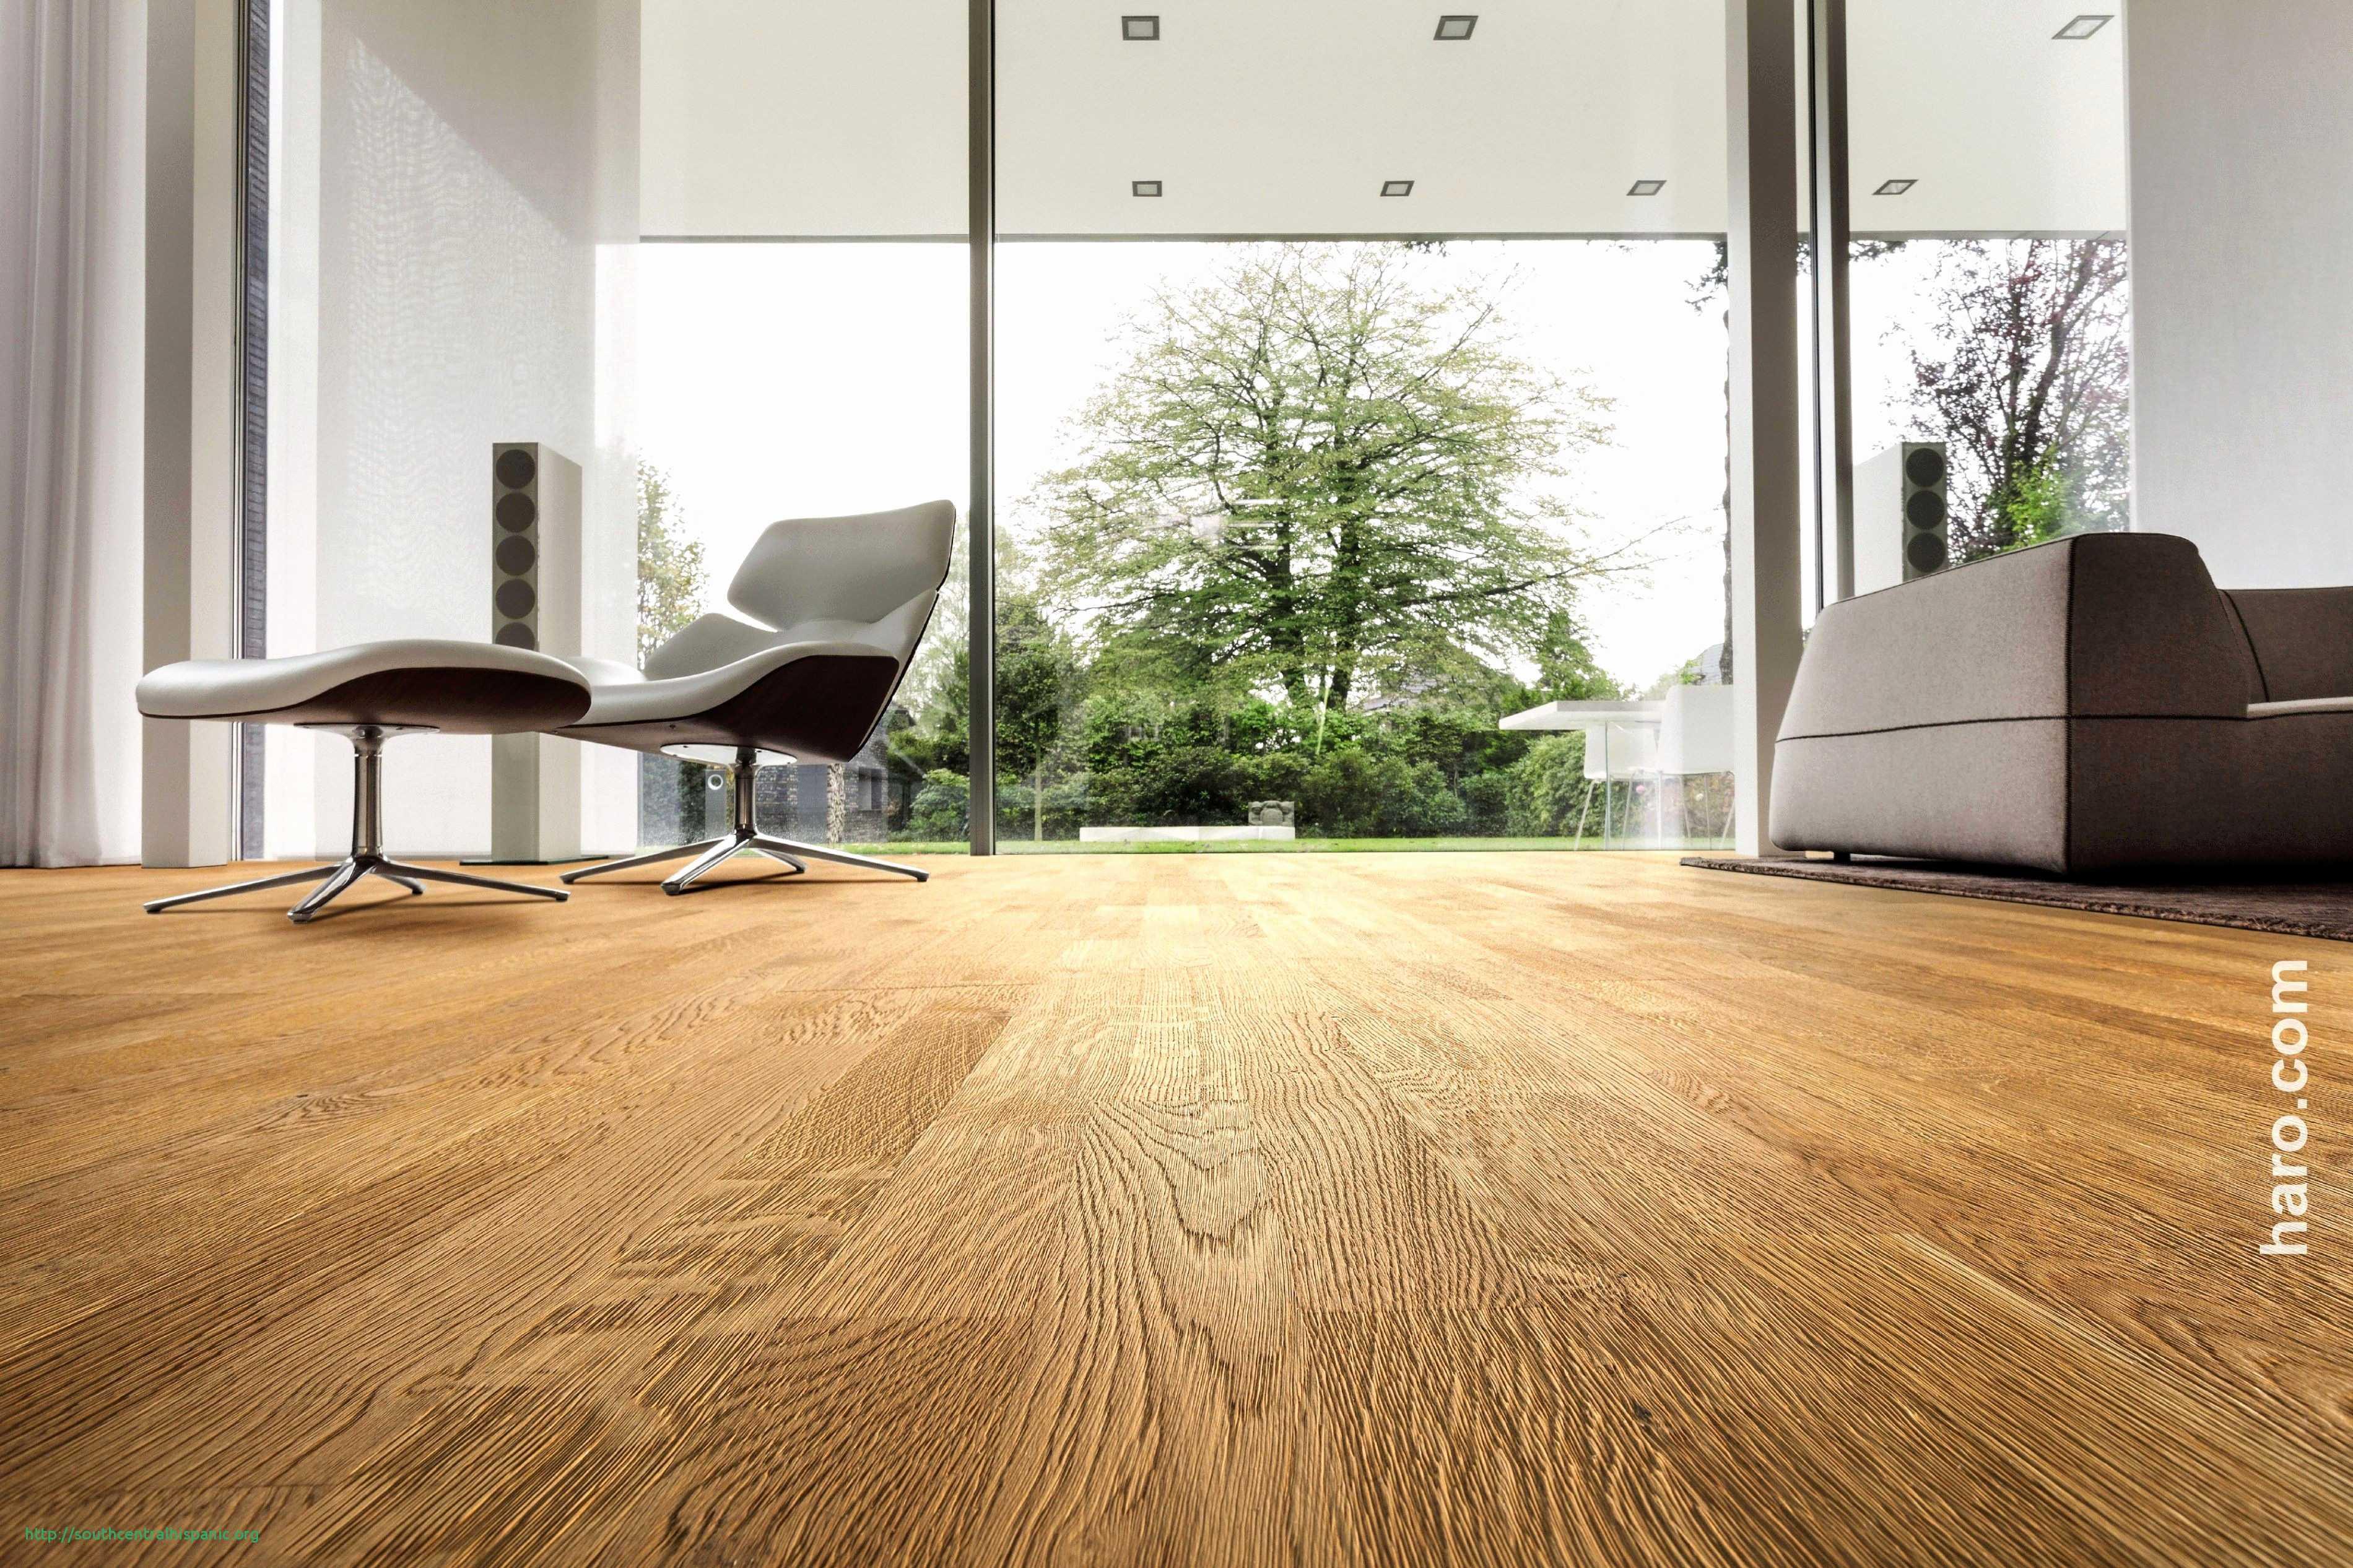 hardwood floor cleaning nashville tn of cheapest hardwood flooring 17 luxe where to buy hardwood flooring throughout cheapest hardwood flooring 17 luxe where to buy hardwood flooring cheap